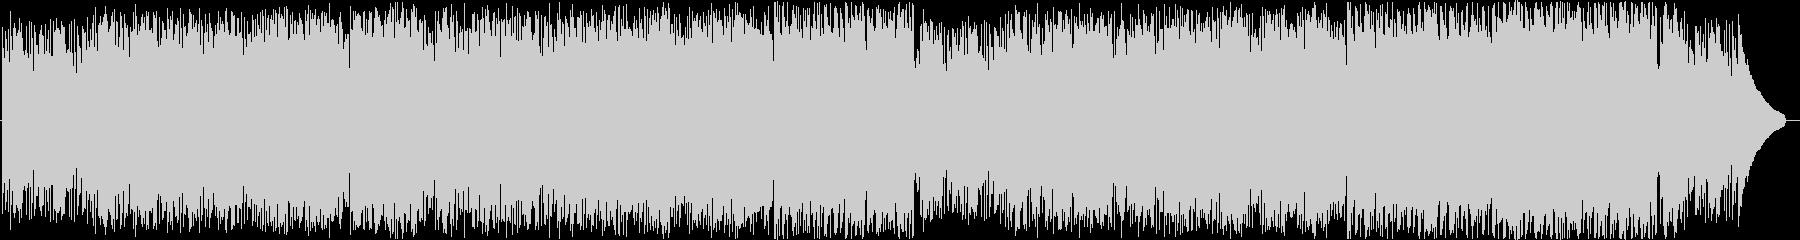 笛による和風でJazzyなインスト曲の未再生の波形